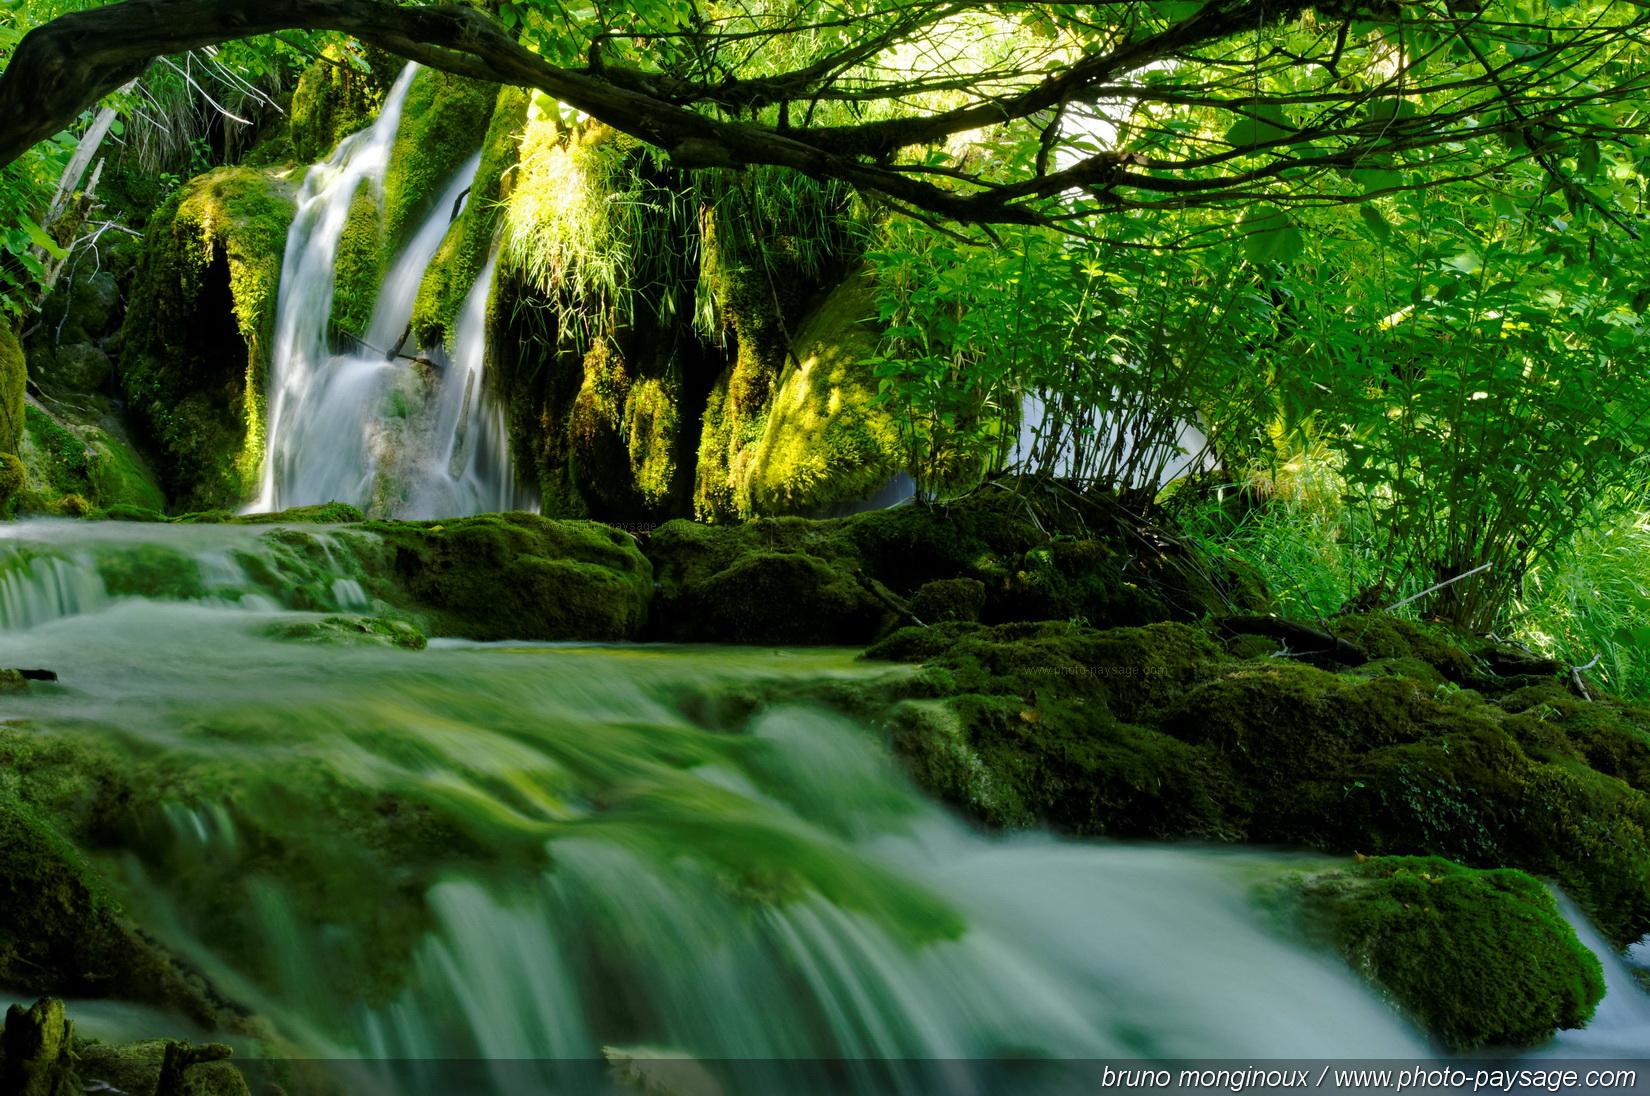 Cliquez ici pour afficher et t l charger le fond d 39 ecran - Image de cascade ...